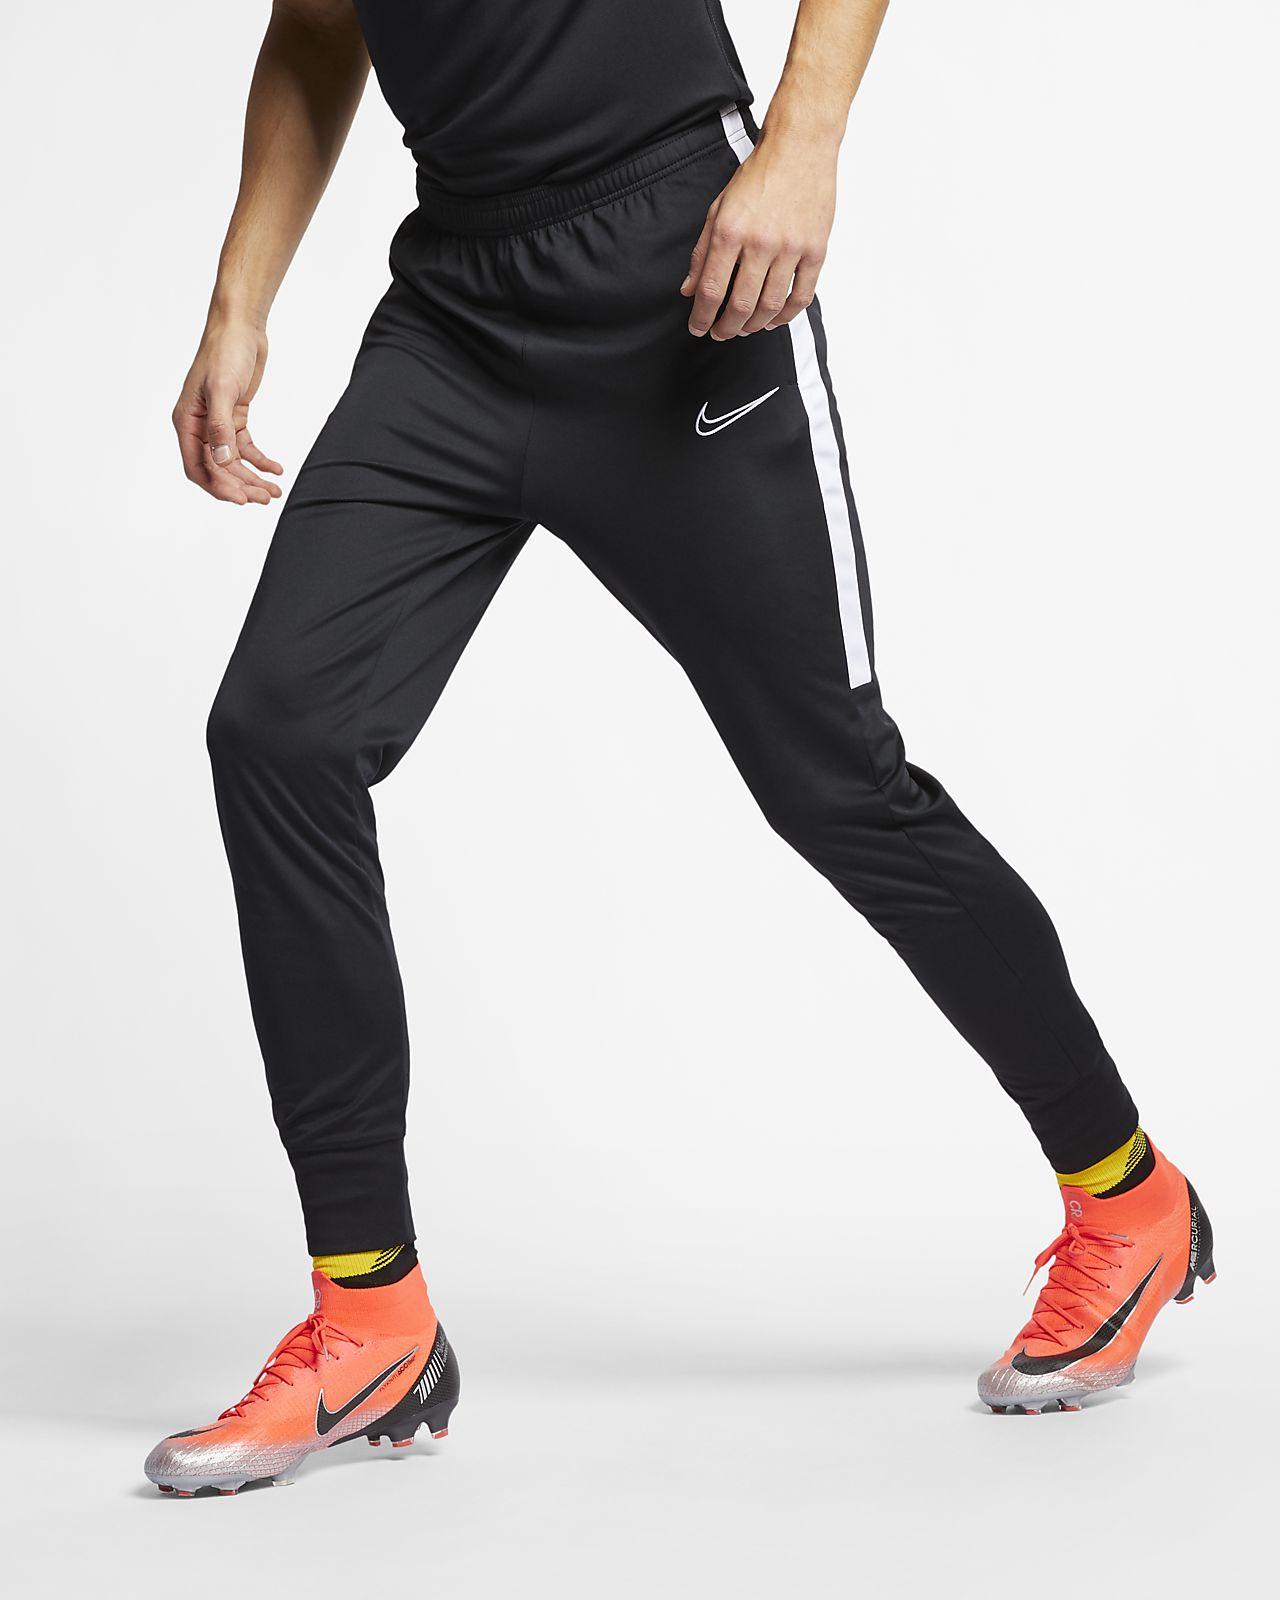 Pour Ca Football Academy De Homme Fit Nike Dri Pantalon xcC8zw5Yqf